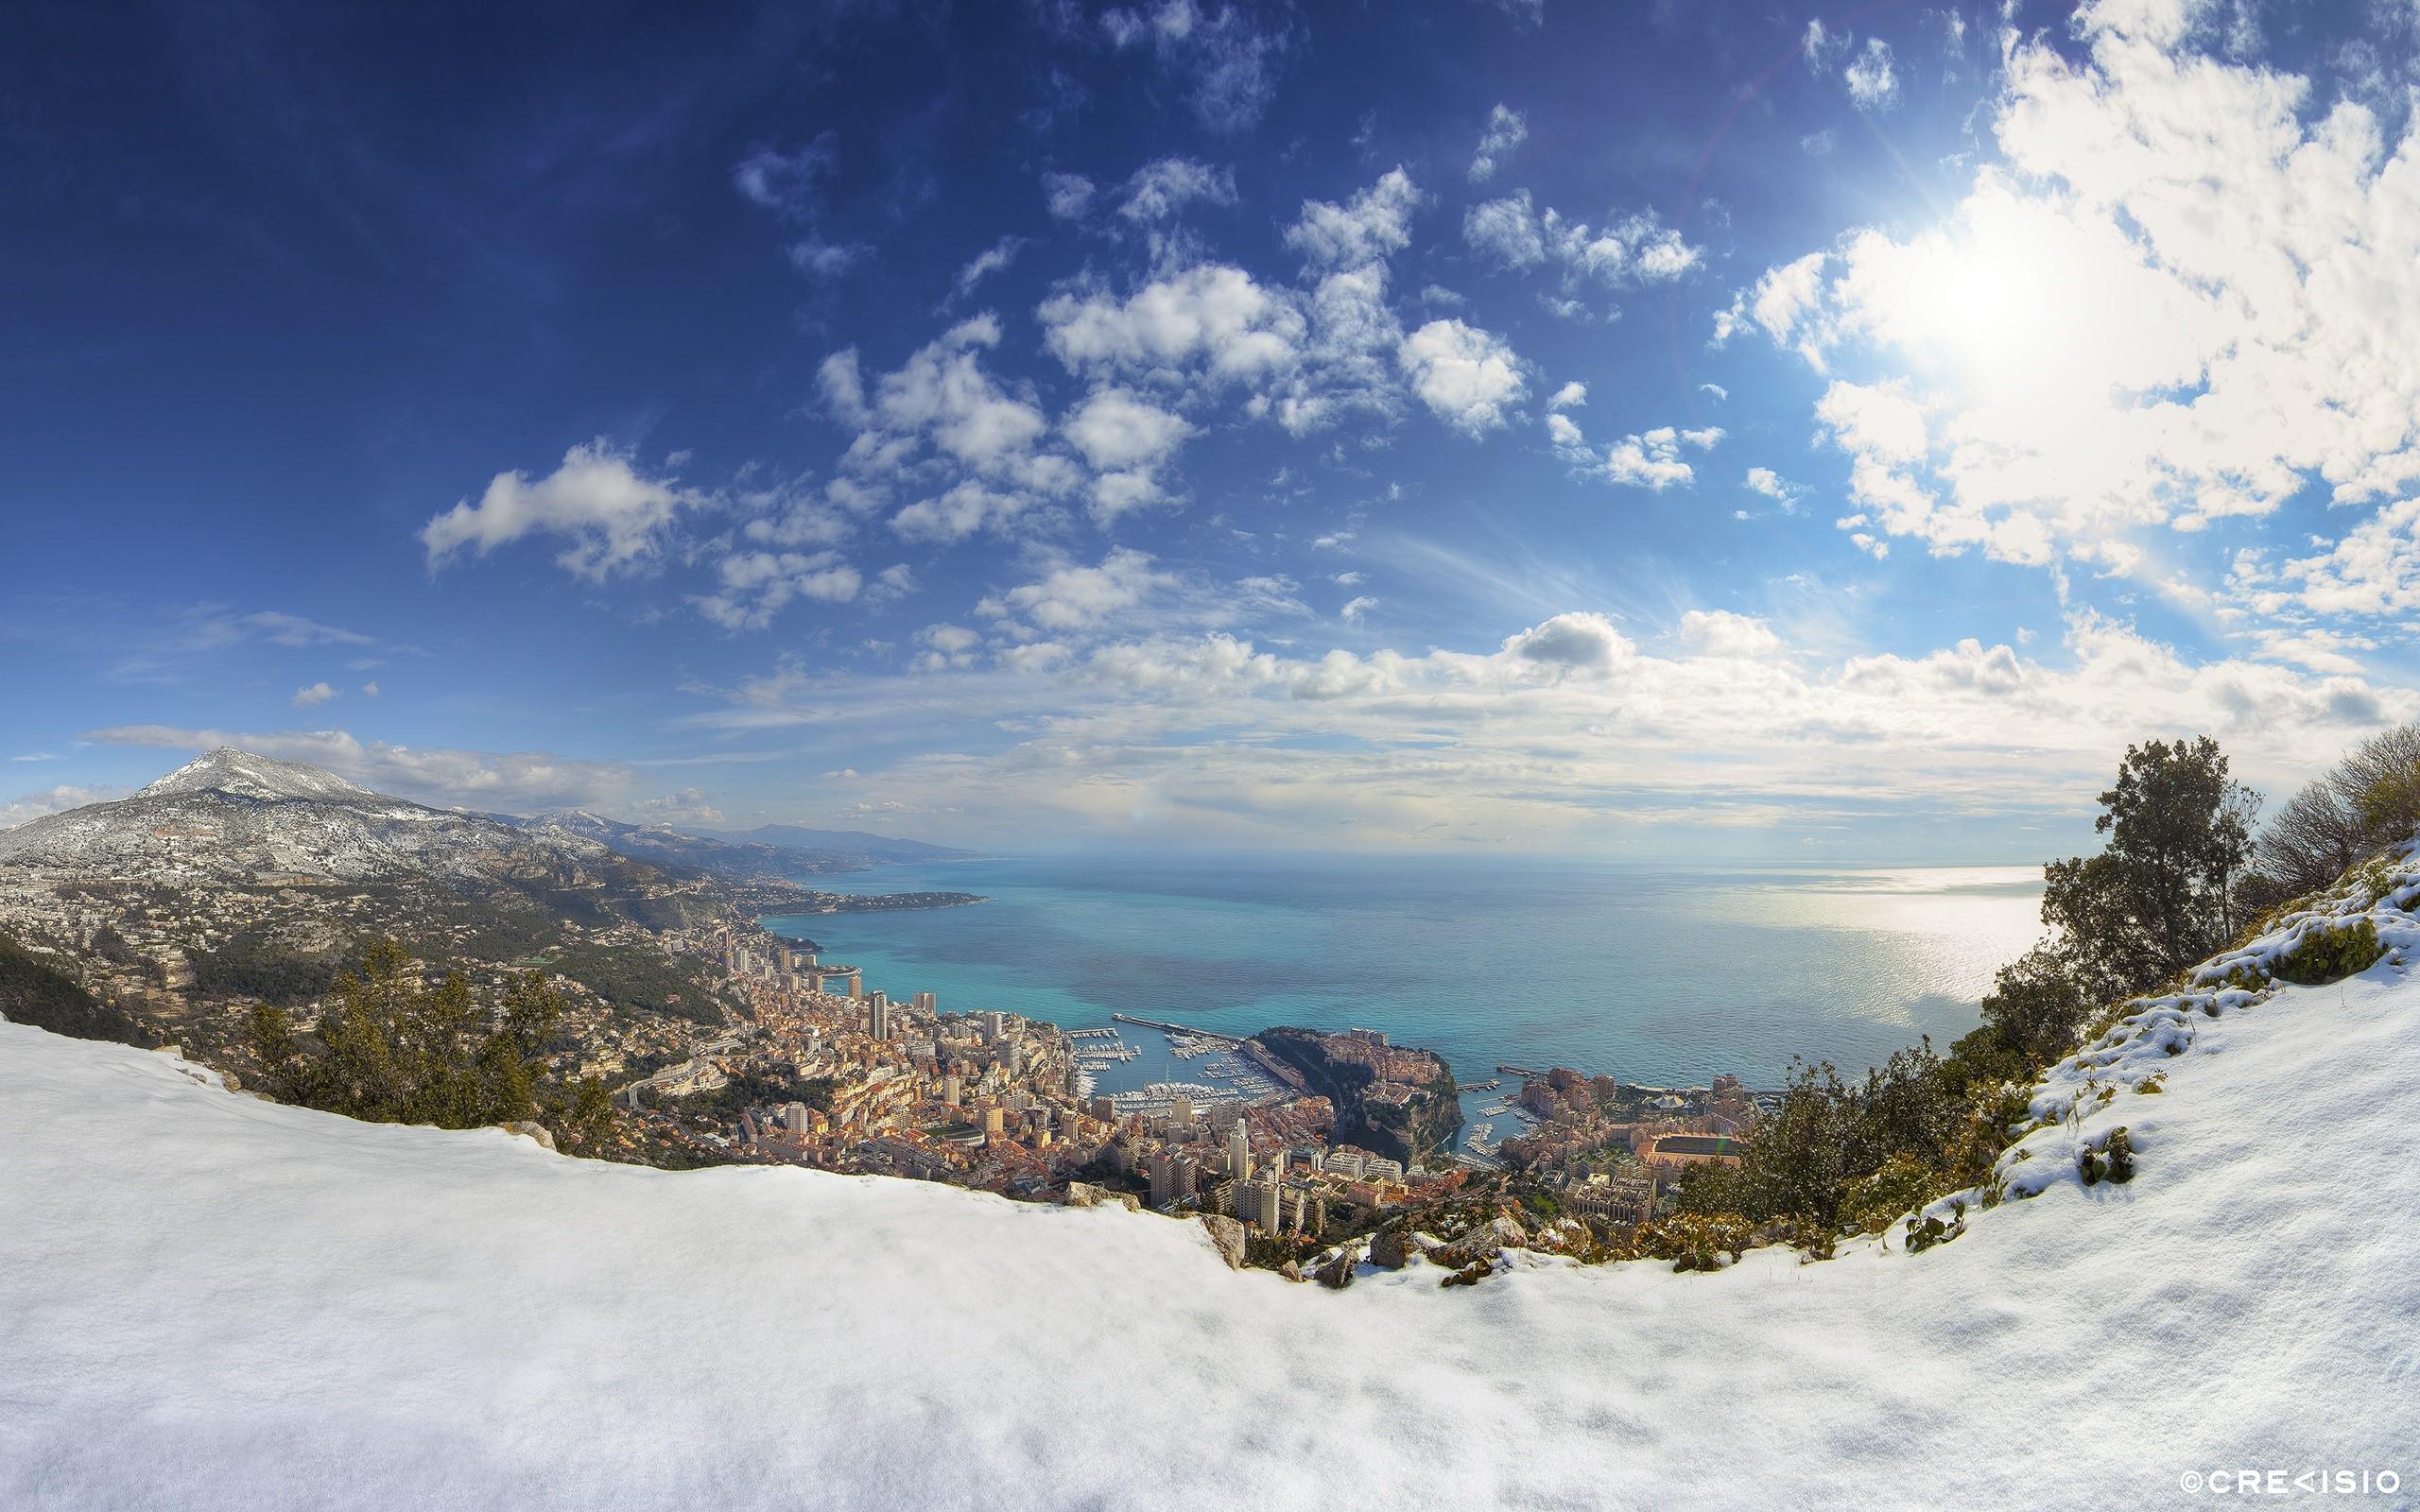 Fondo de pantalla de Principado de Monaco Imágenes